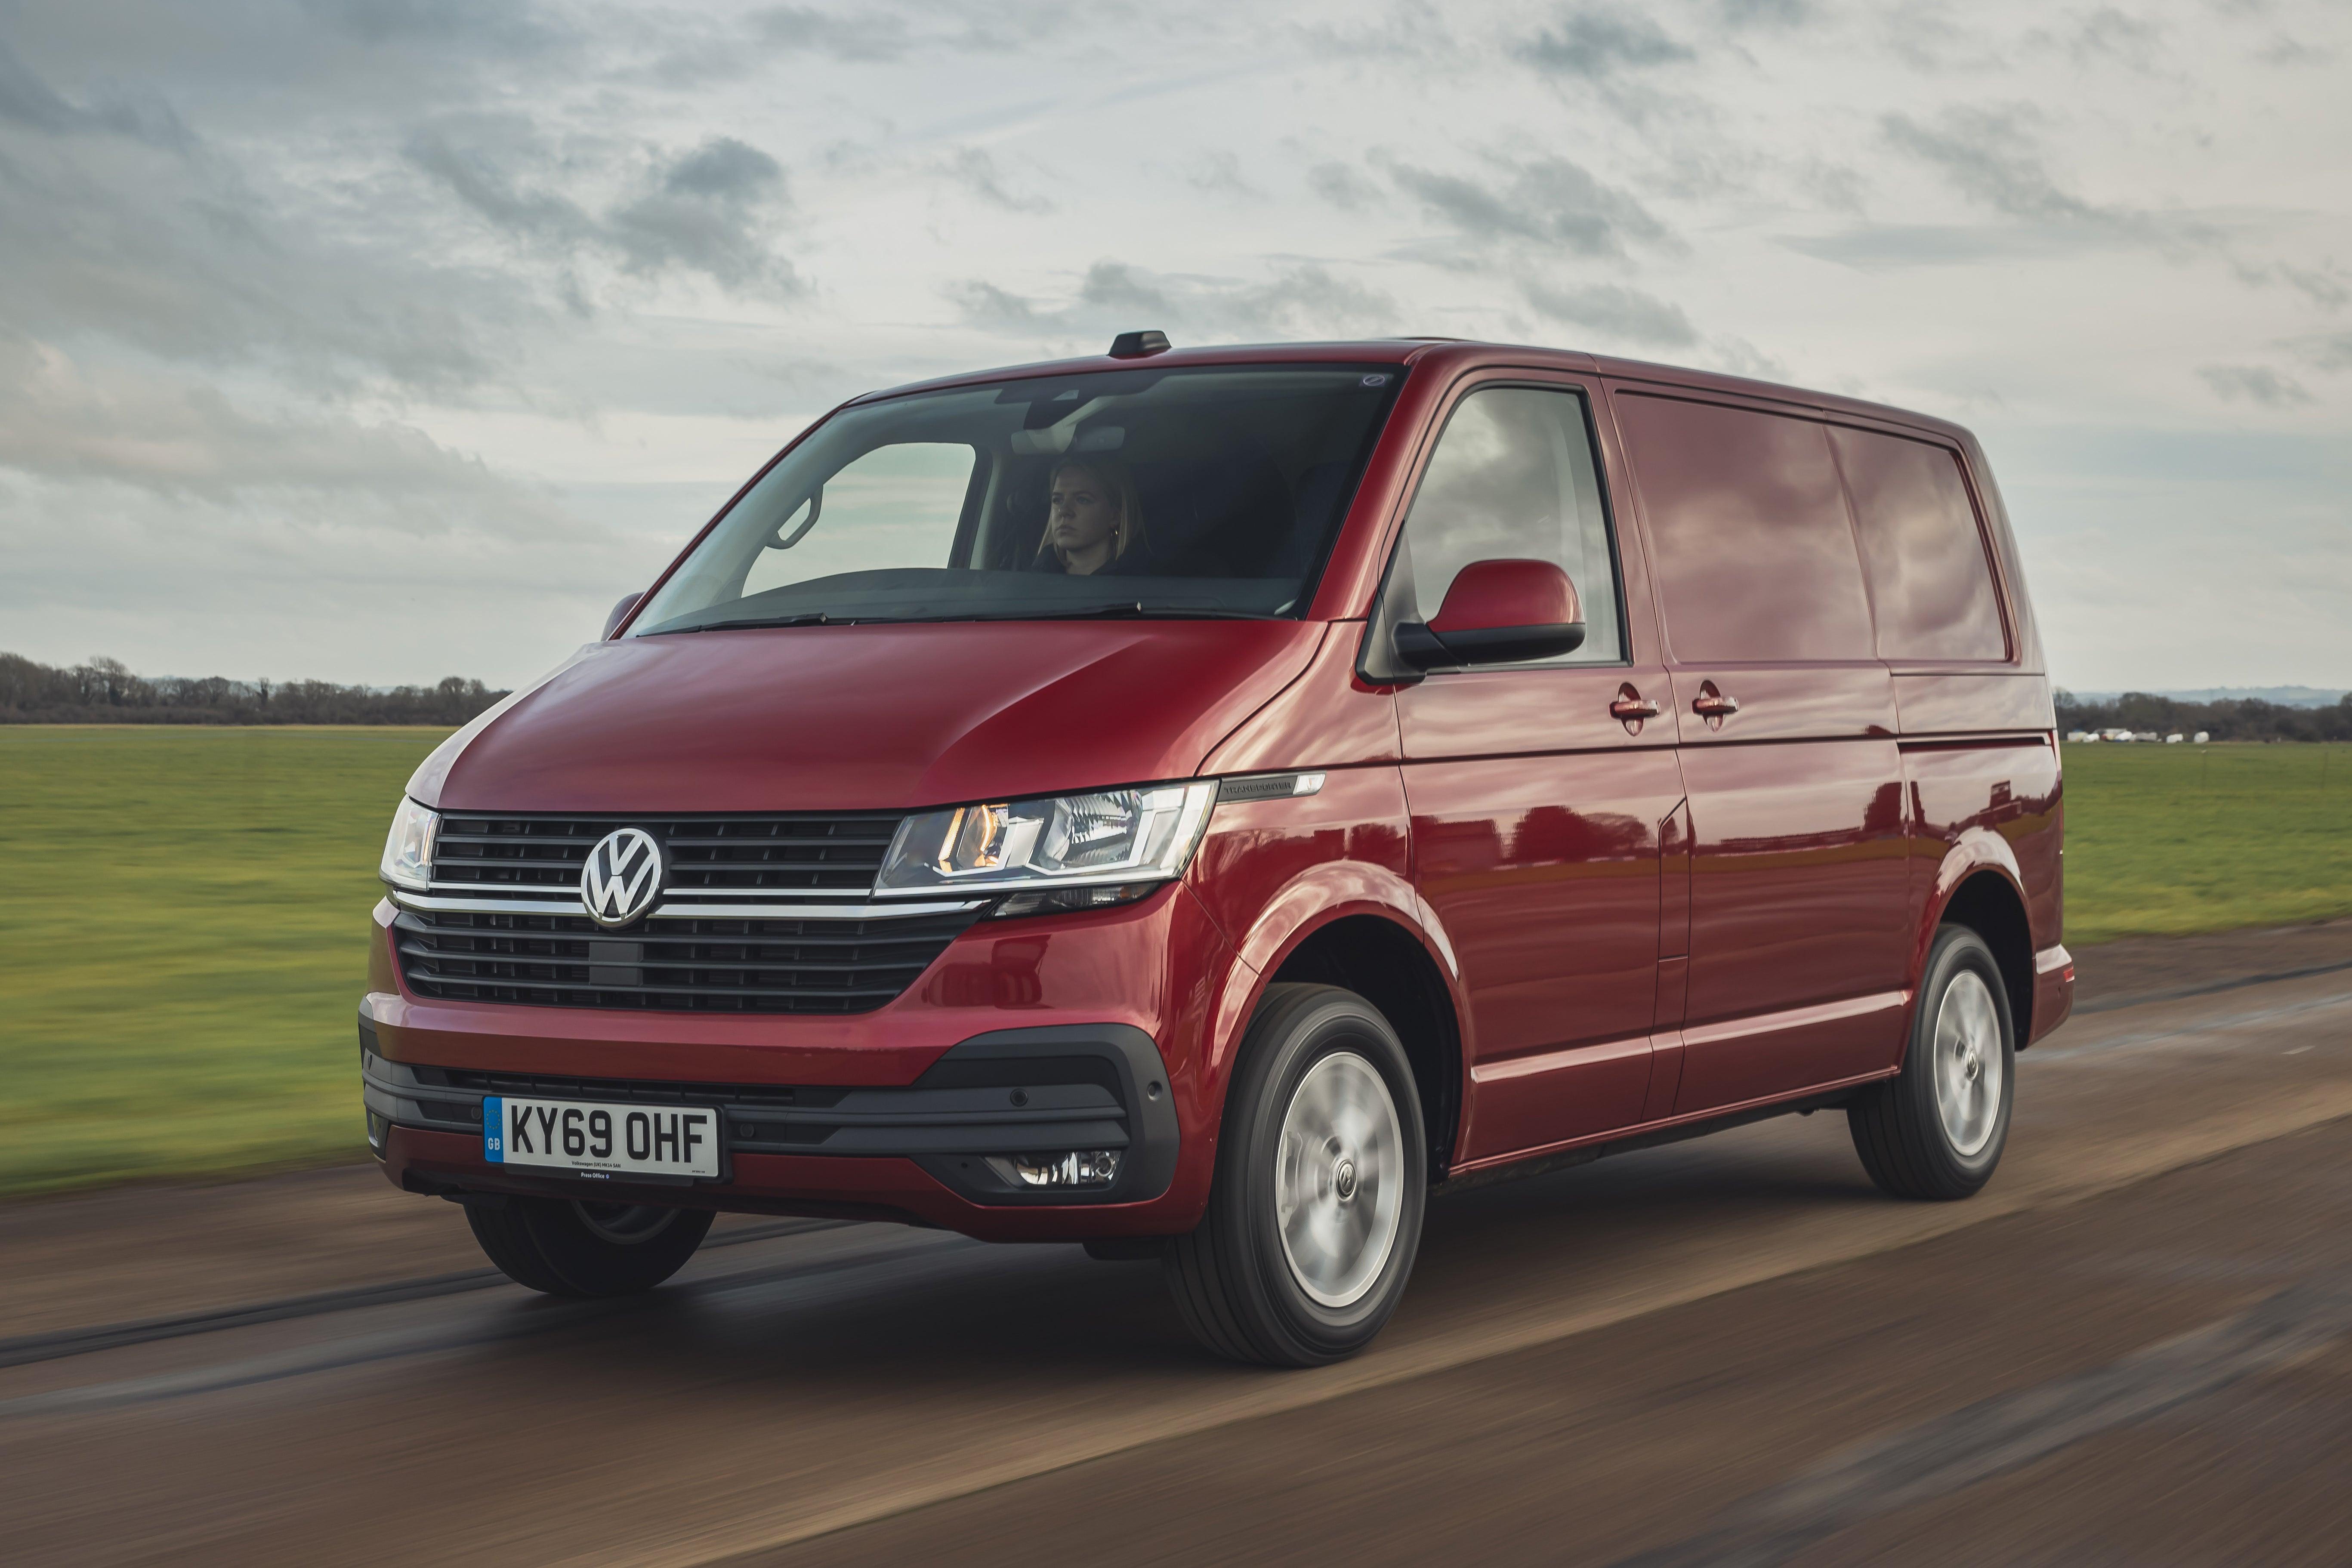 Volkswagen Transporter Front View